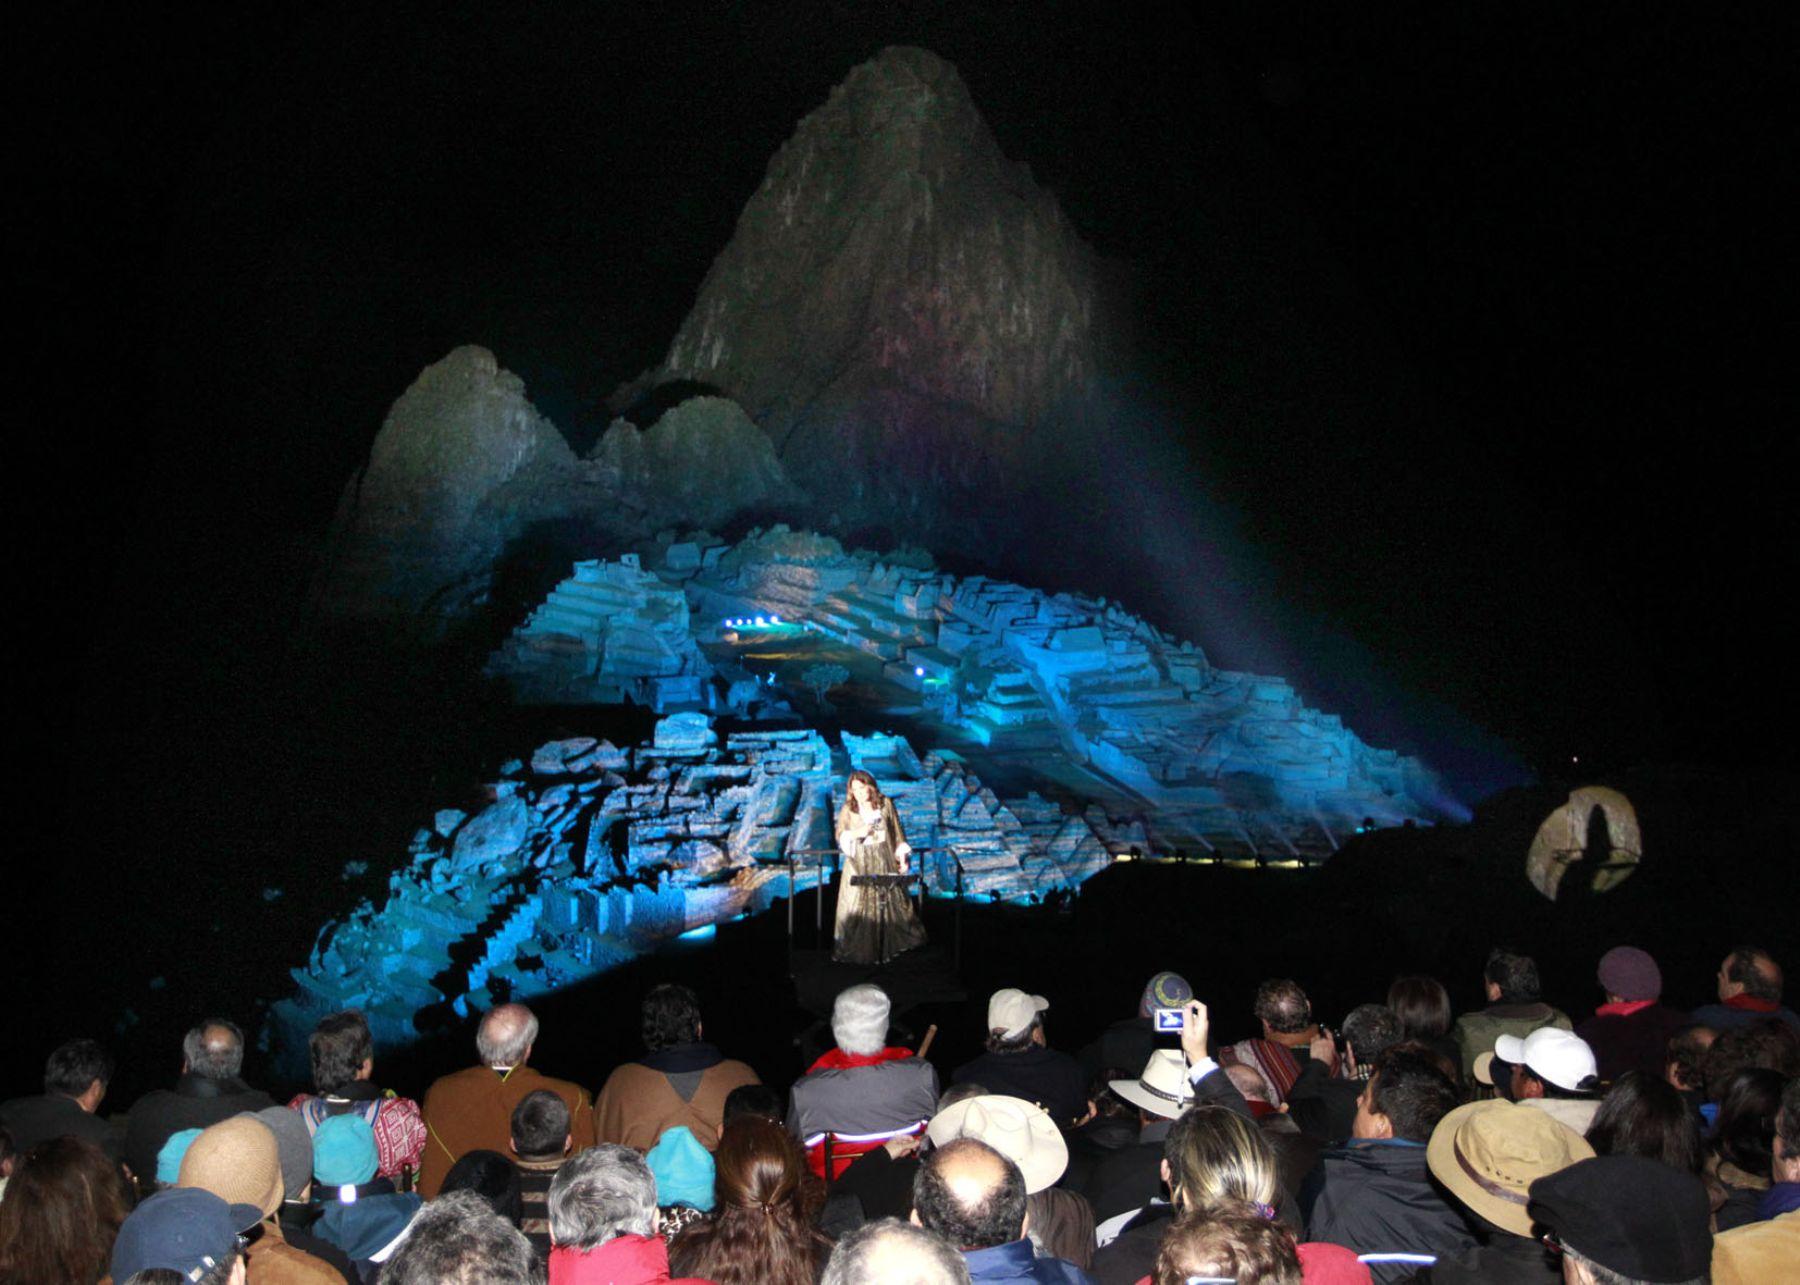 Tania Libertad le canta a Machu Picchu con la ciudadela como fondo, en el espectáculo de luces y sonido que esta noche conmemoró los cien años de su descubrimiento al mundo.Foto: Sepres